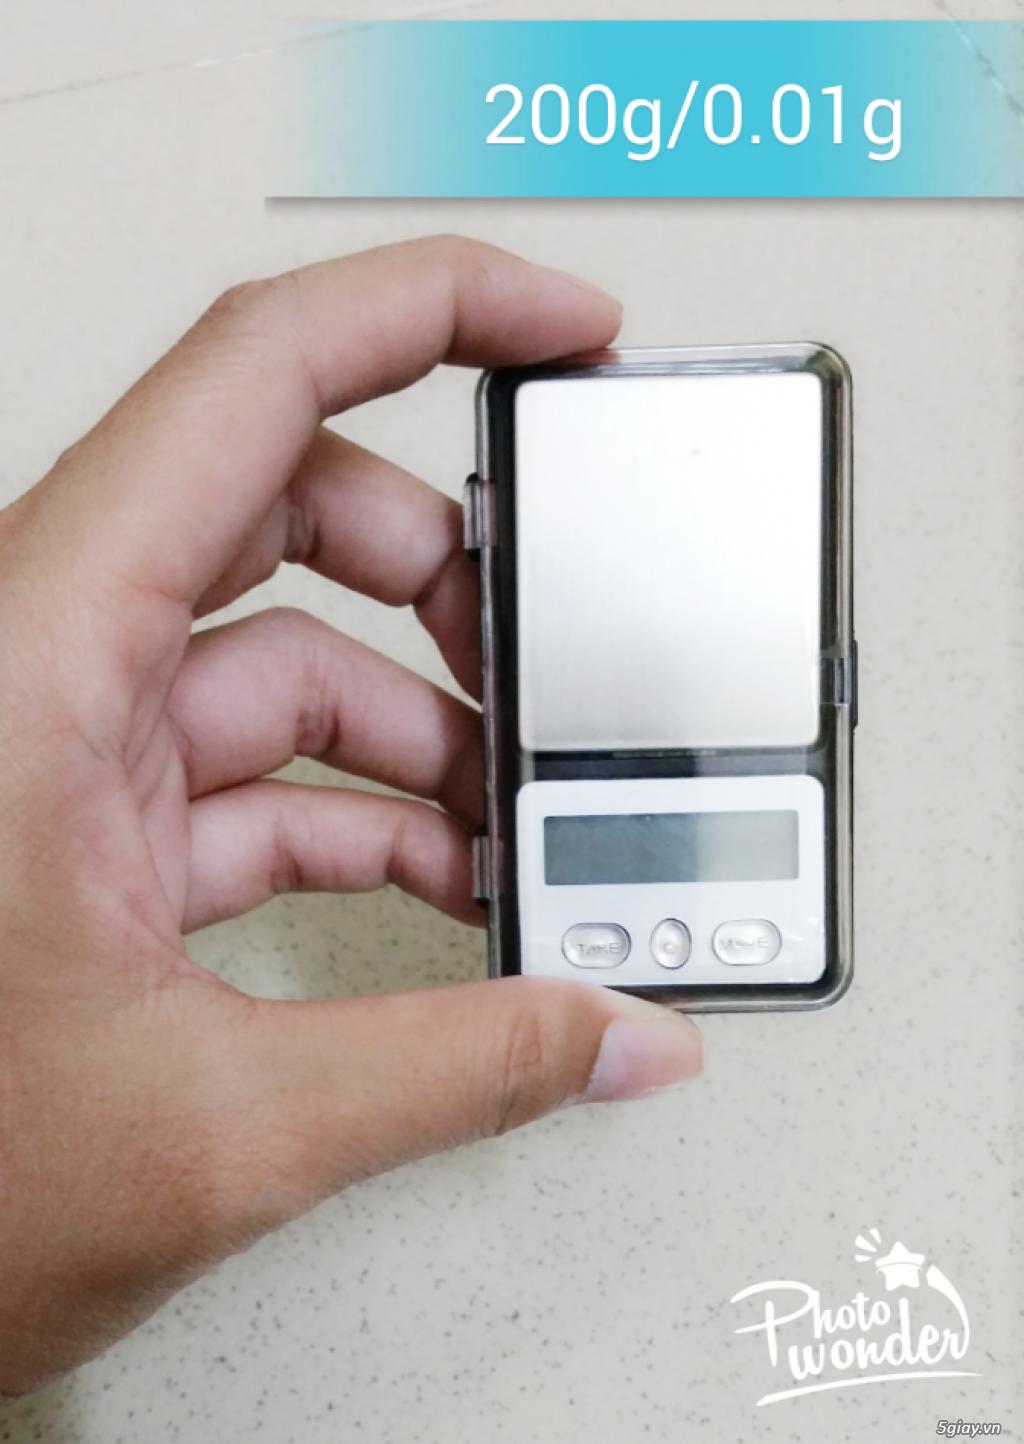 Cân điện tử tiểu ly,bỏ túi,mini tổng hợp từ 100g/0,01g->500g/0,01g - 8